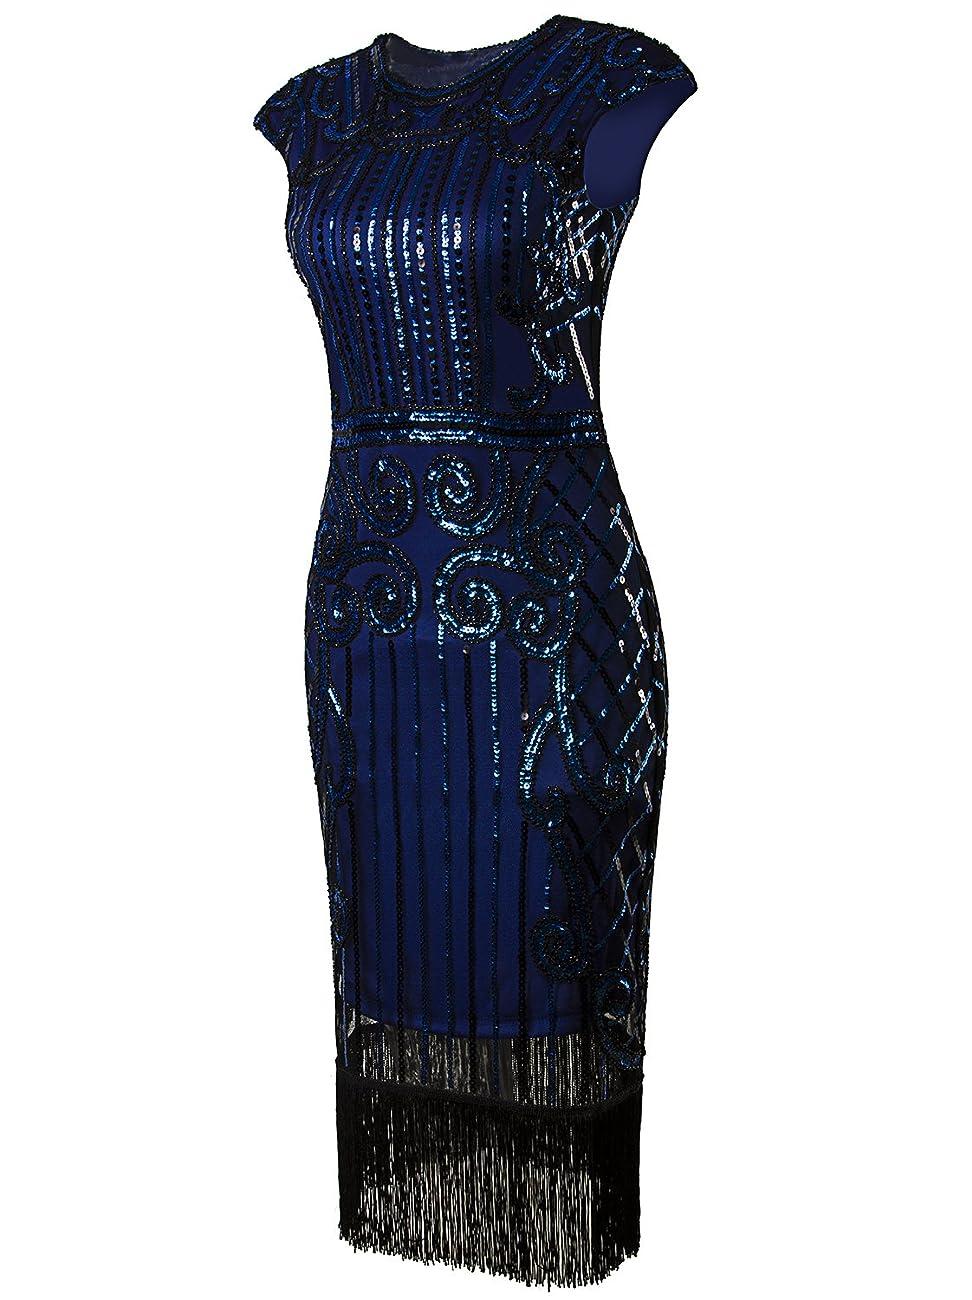 Vijiv 1920s Vintage Inspired Sequin Embellished Fringe Long Gatsby Flapper Dressblue 2